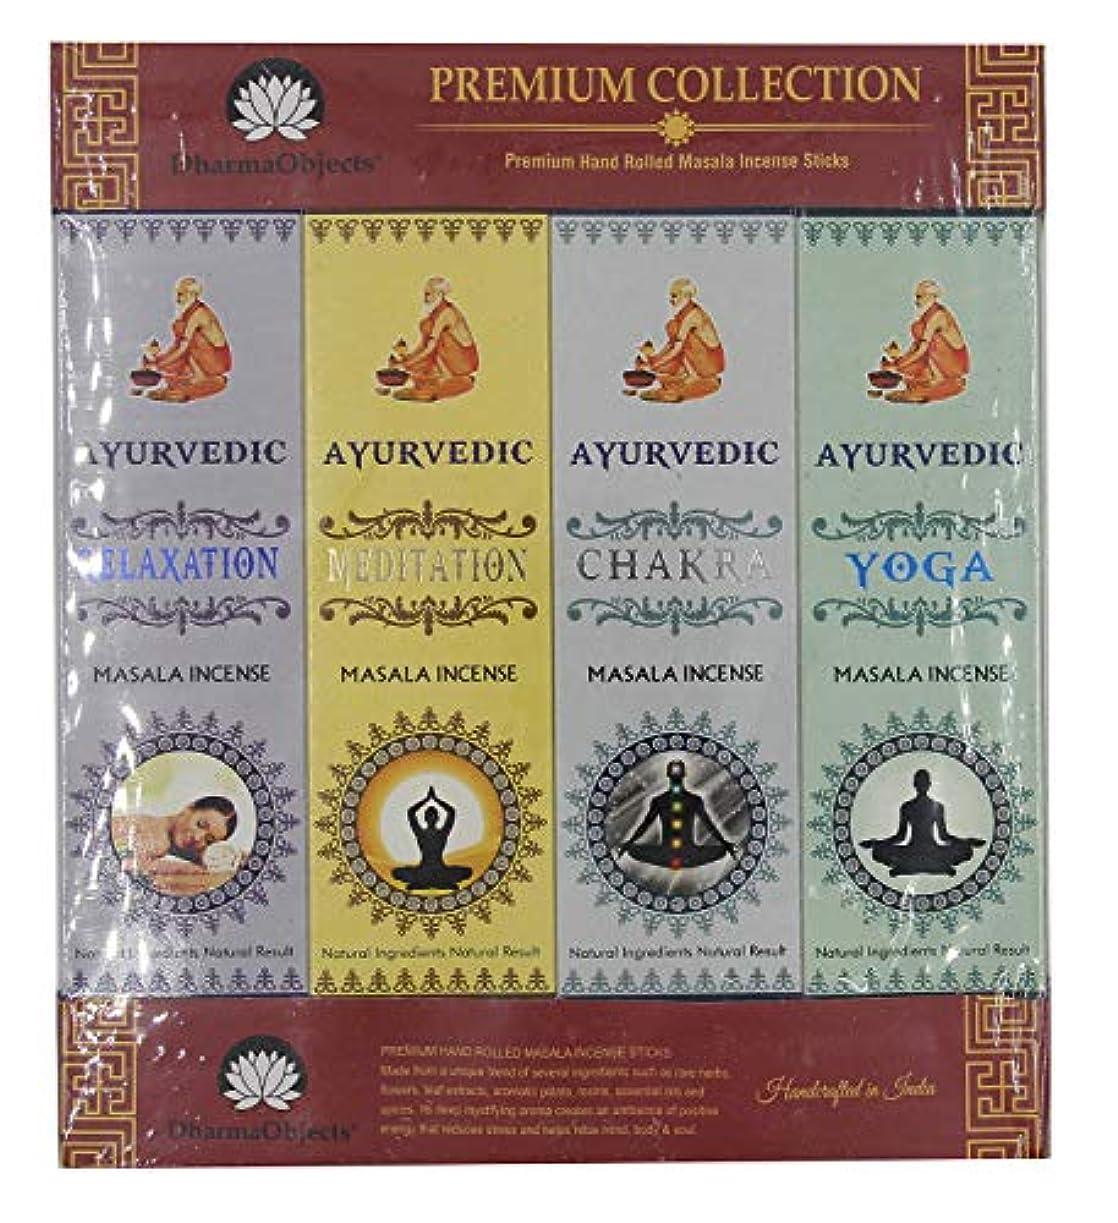 申込み恥ずかしさ良心的(Multi) - Gift Set of 12 Ayurvedic Nag Champa Kasturi Chandan Patchouli Agarwood Meditation Rose Stress Relief...